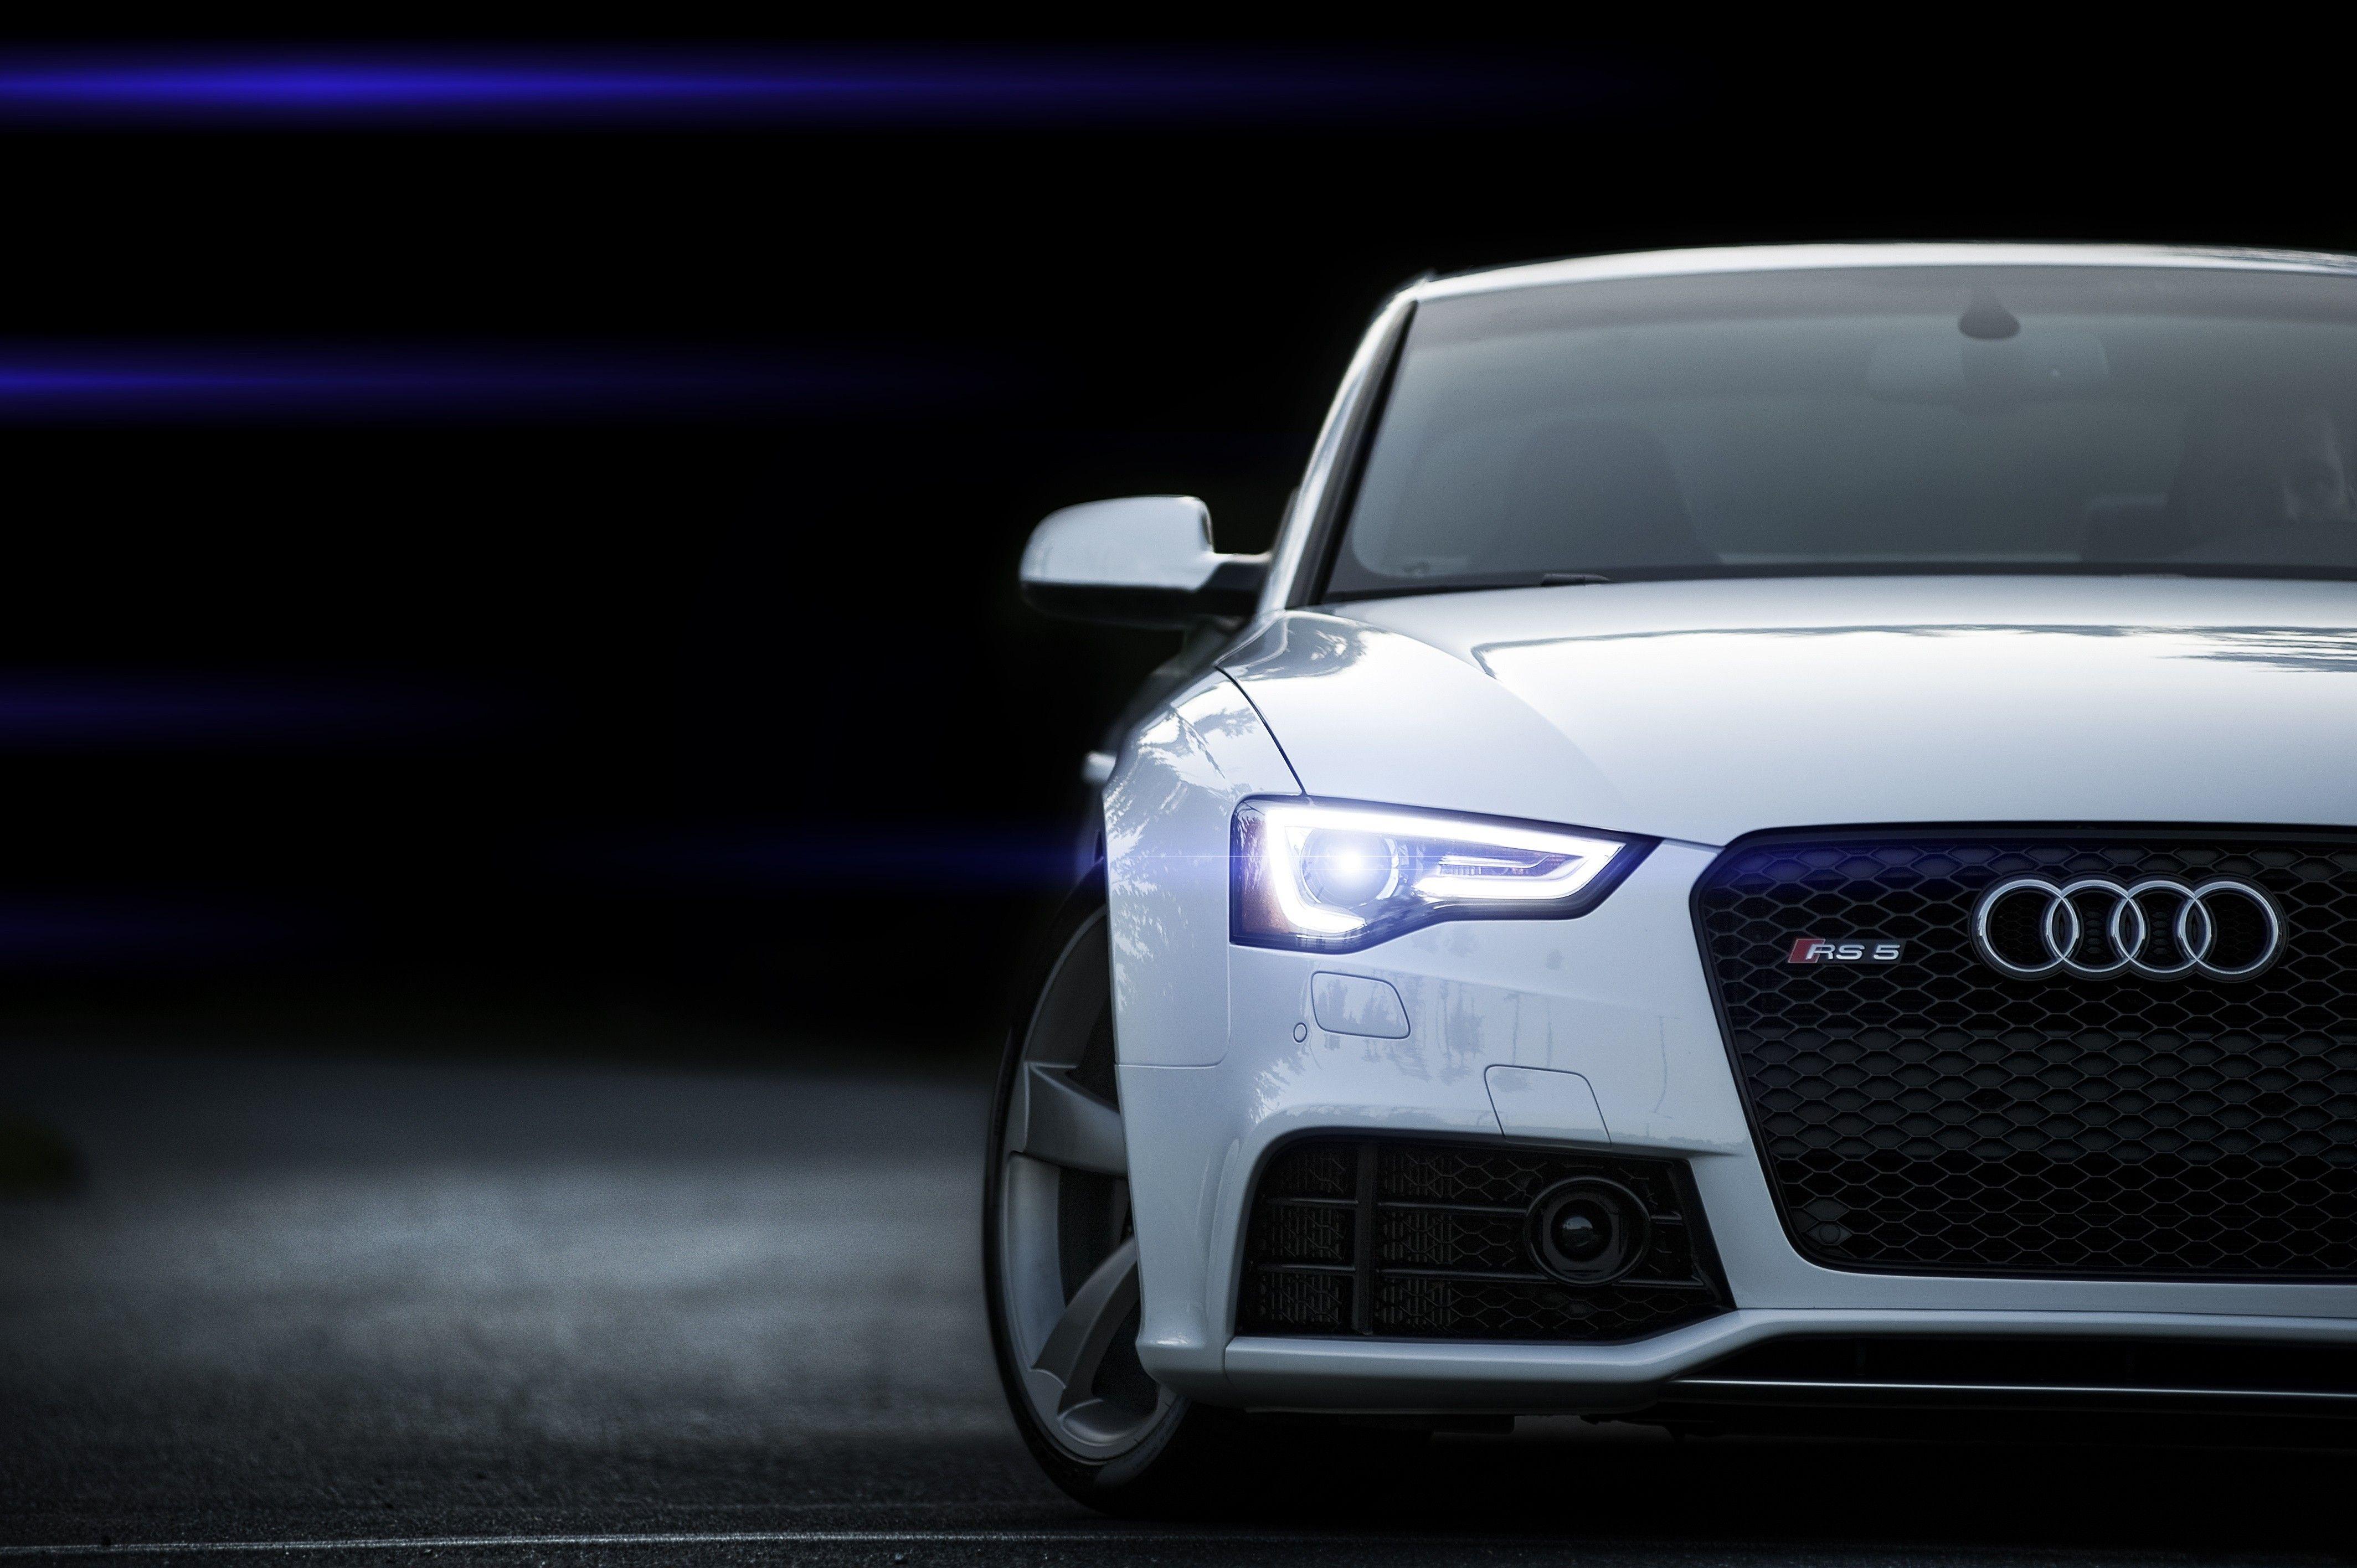 Vehicles Cars White Cars Audi Audi Rs5 Wallpaper Qtd2h4bmoy Audi Rs5 Audi Audi Rs 5